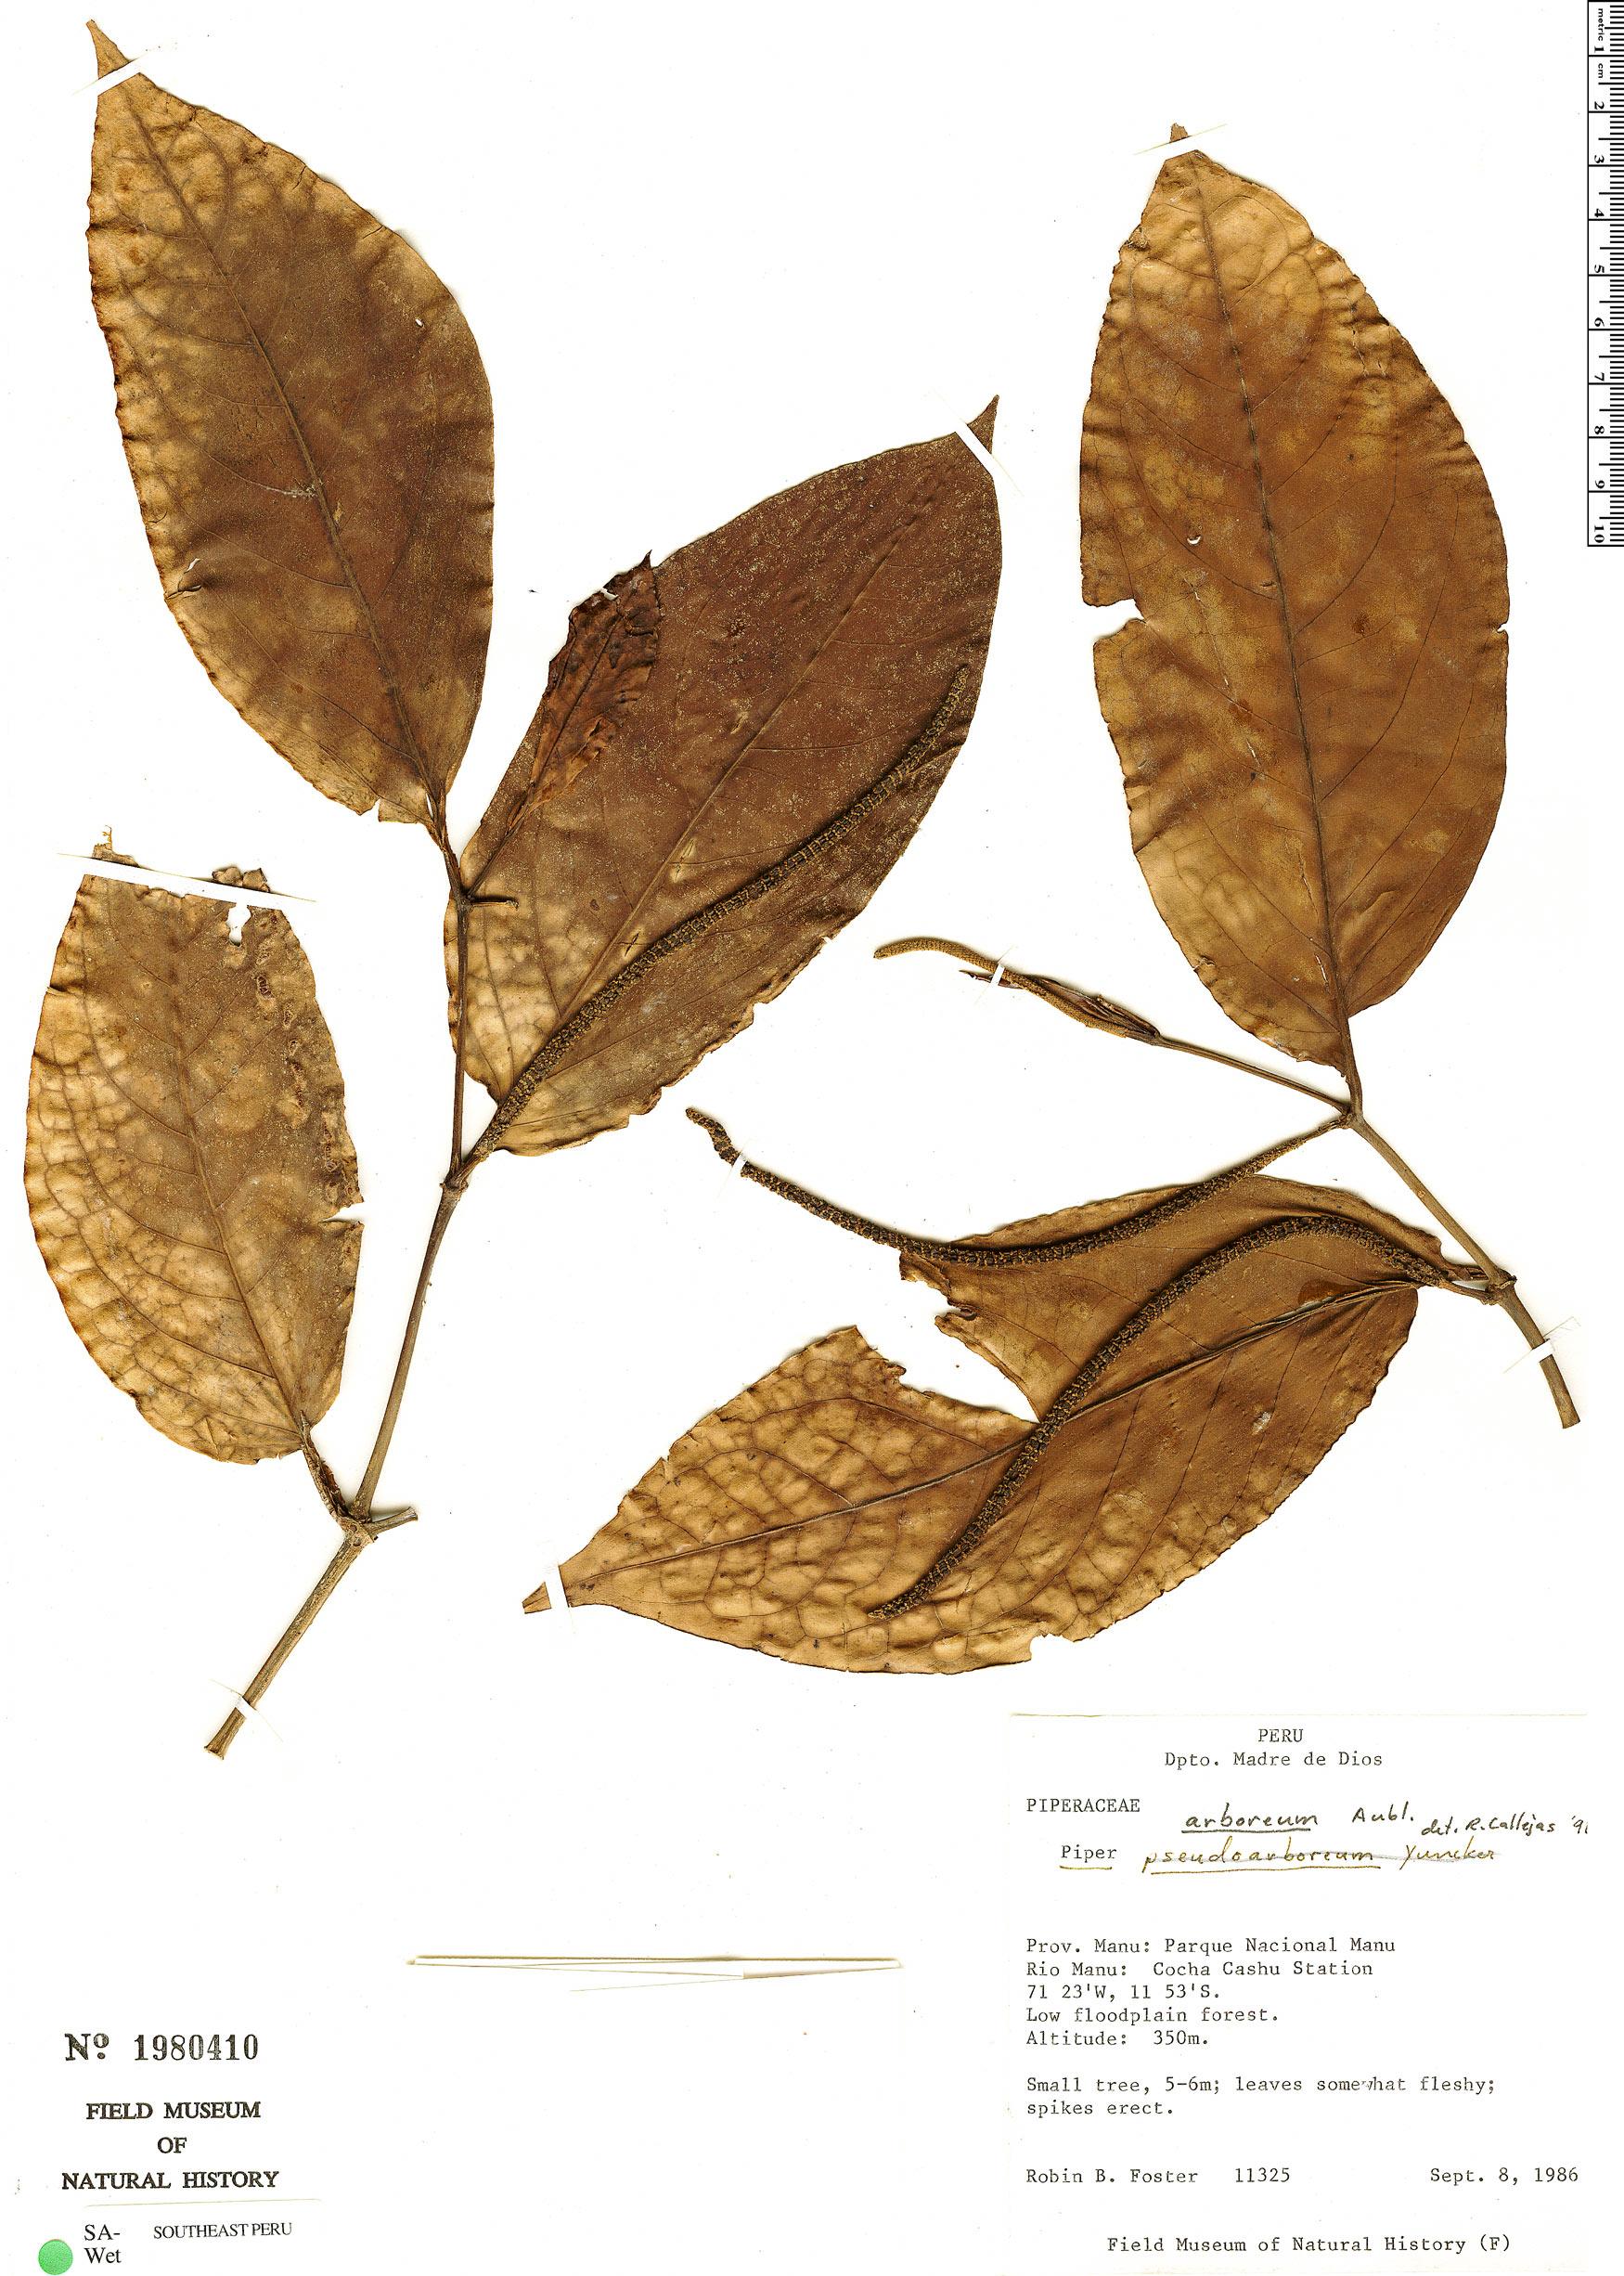 Specimen: Piper arboreum